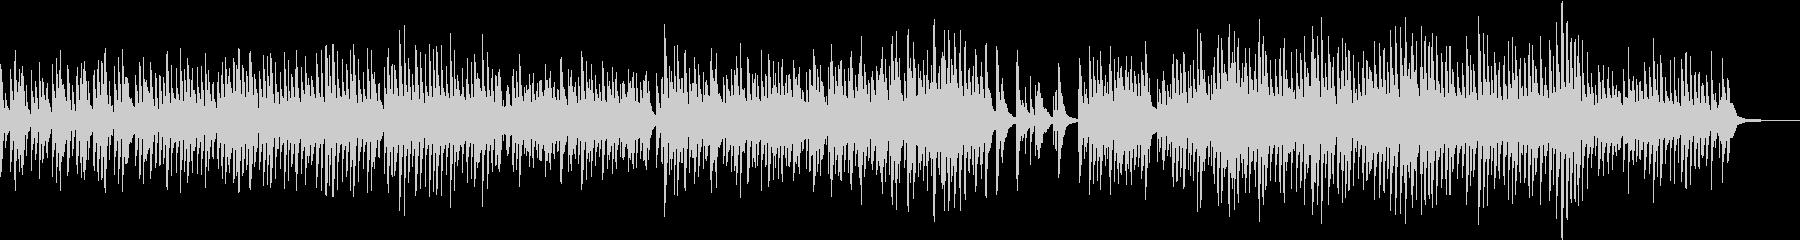 企業VPや映像に透明感・感動ソロピアノの未再生の波形